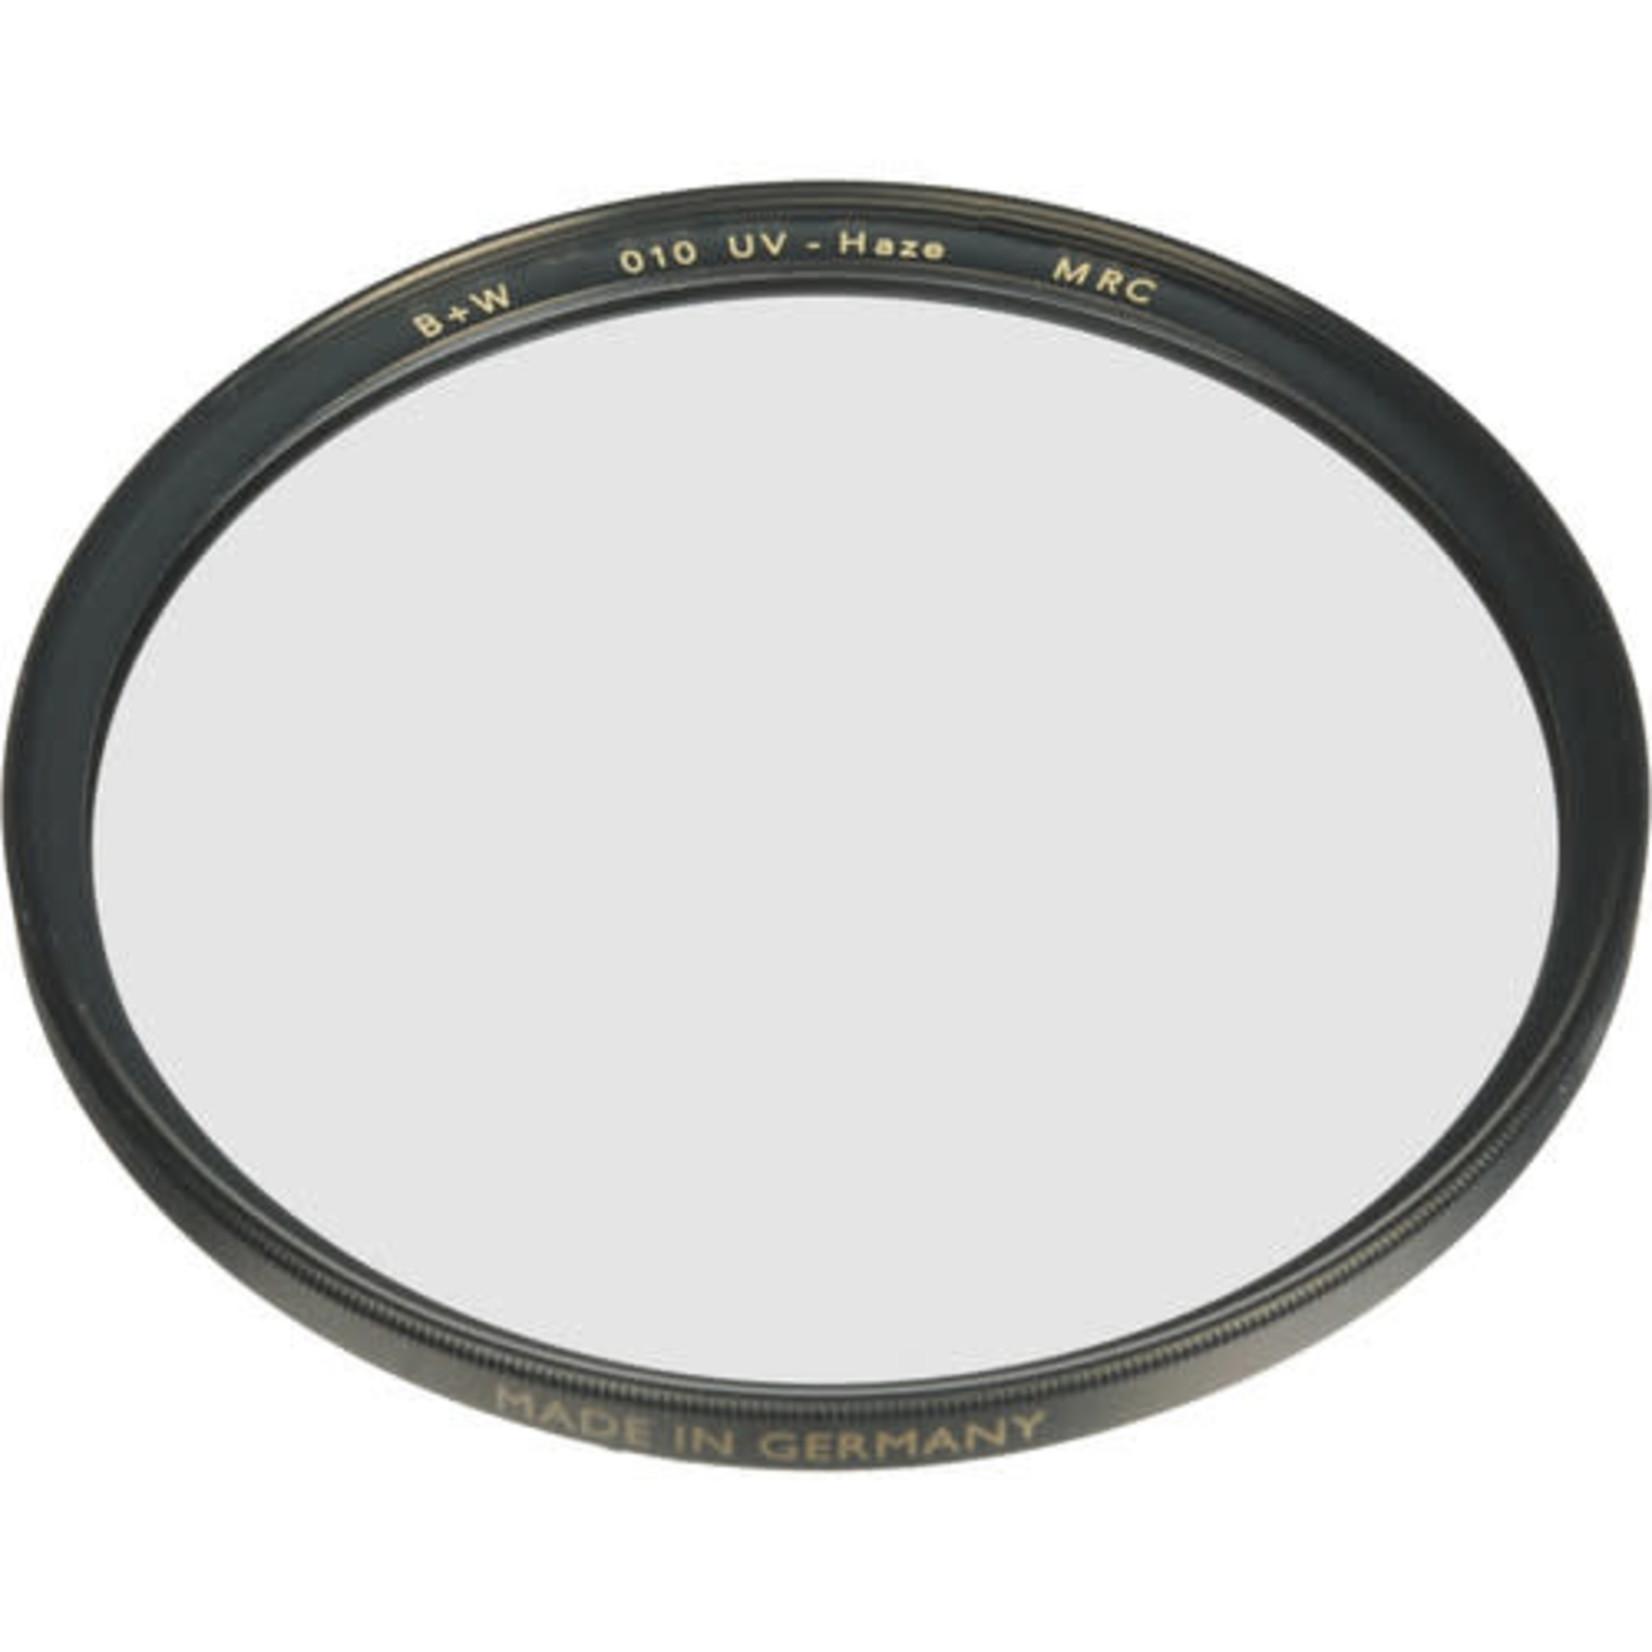 B+W B+W 95mm UV Haze MRC 010M Filter